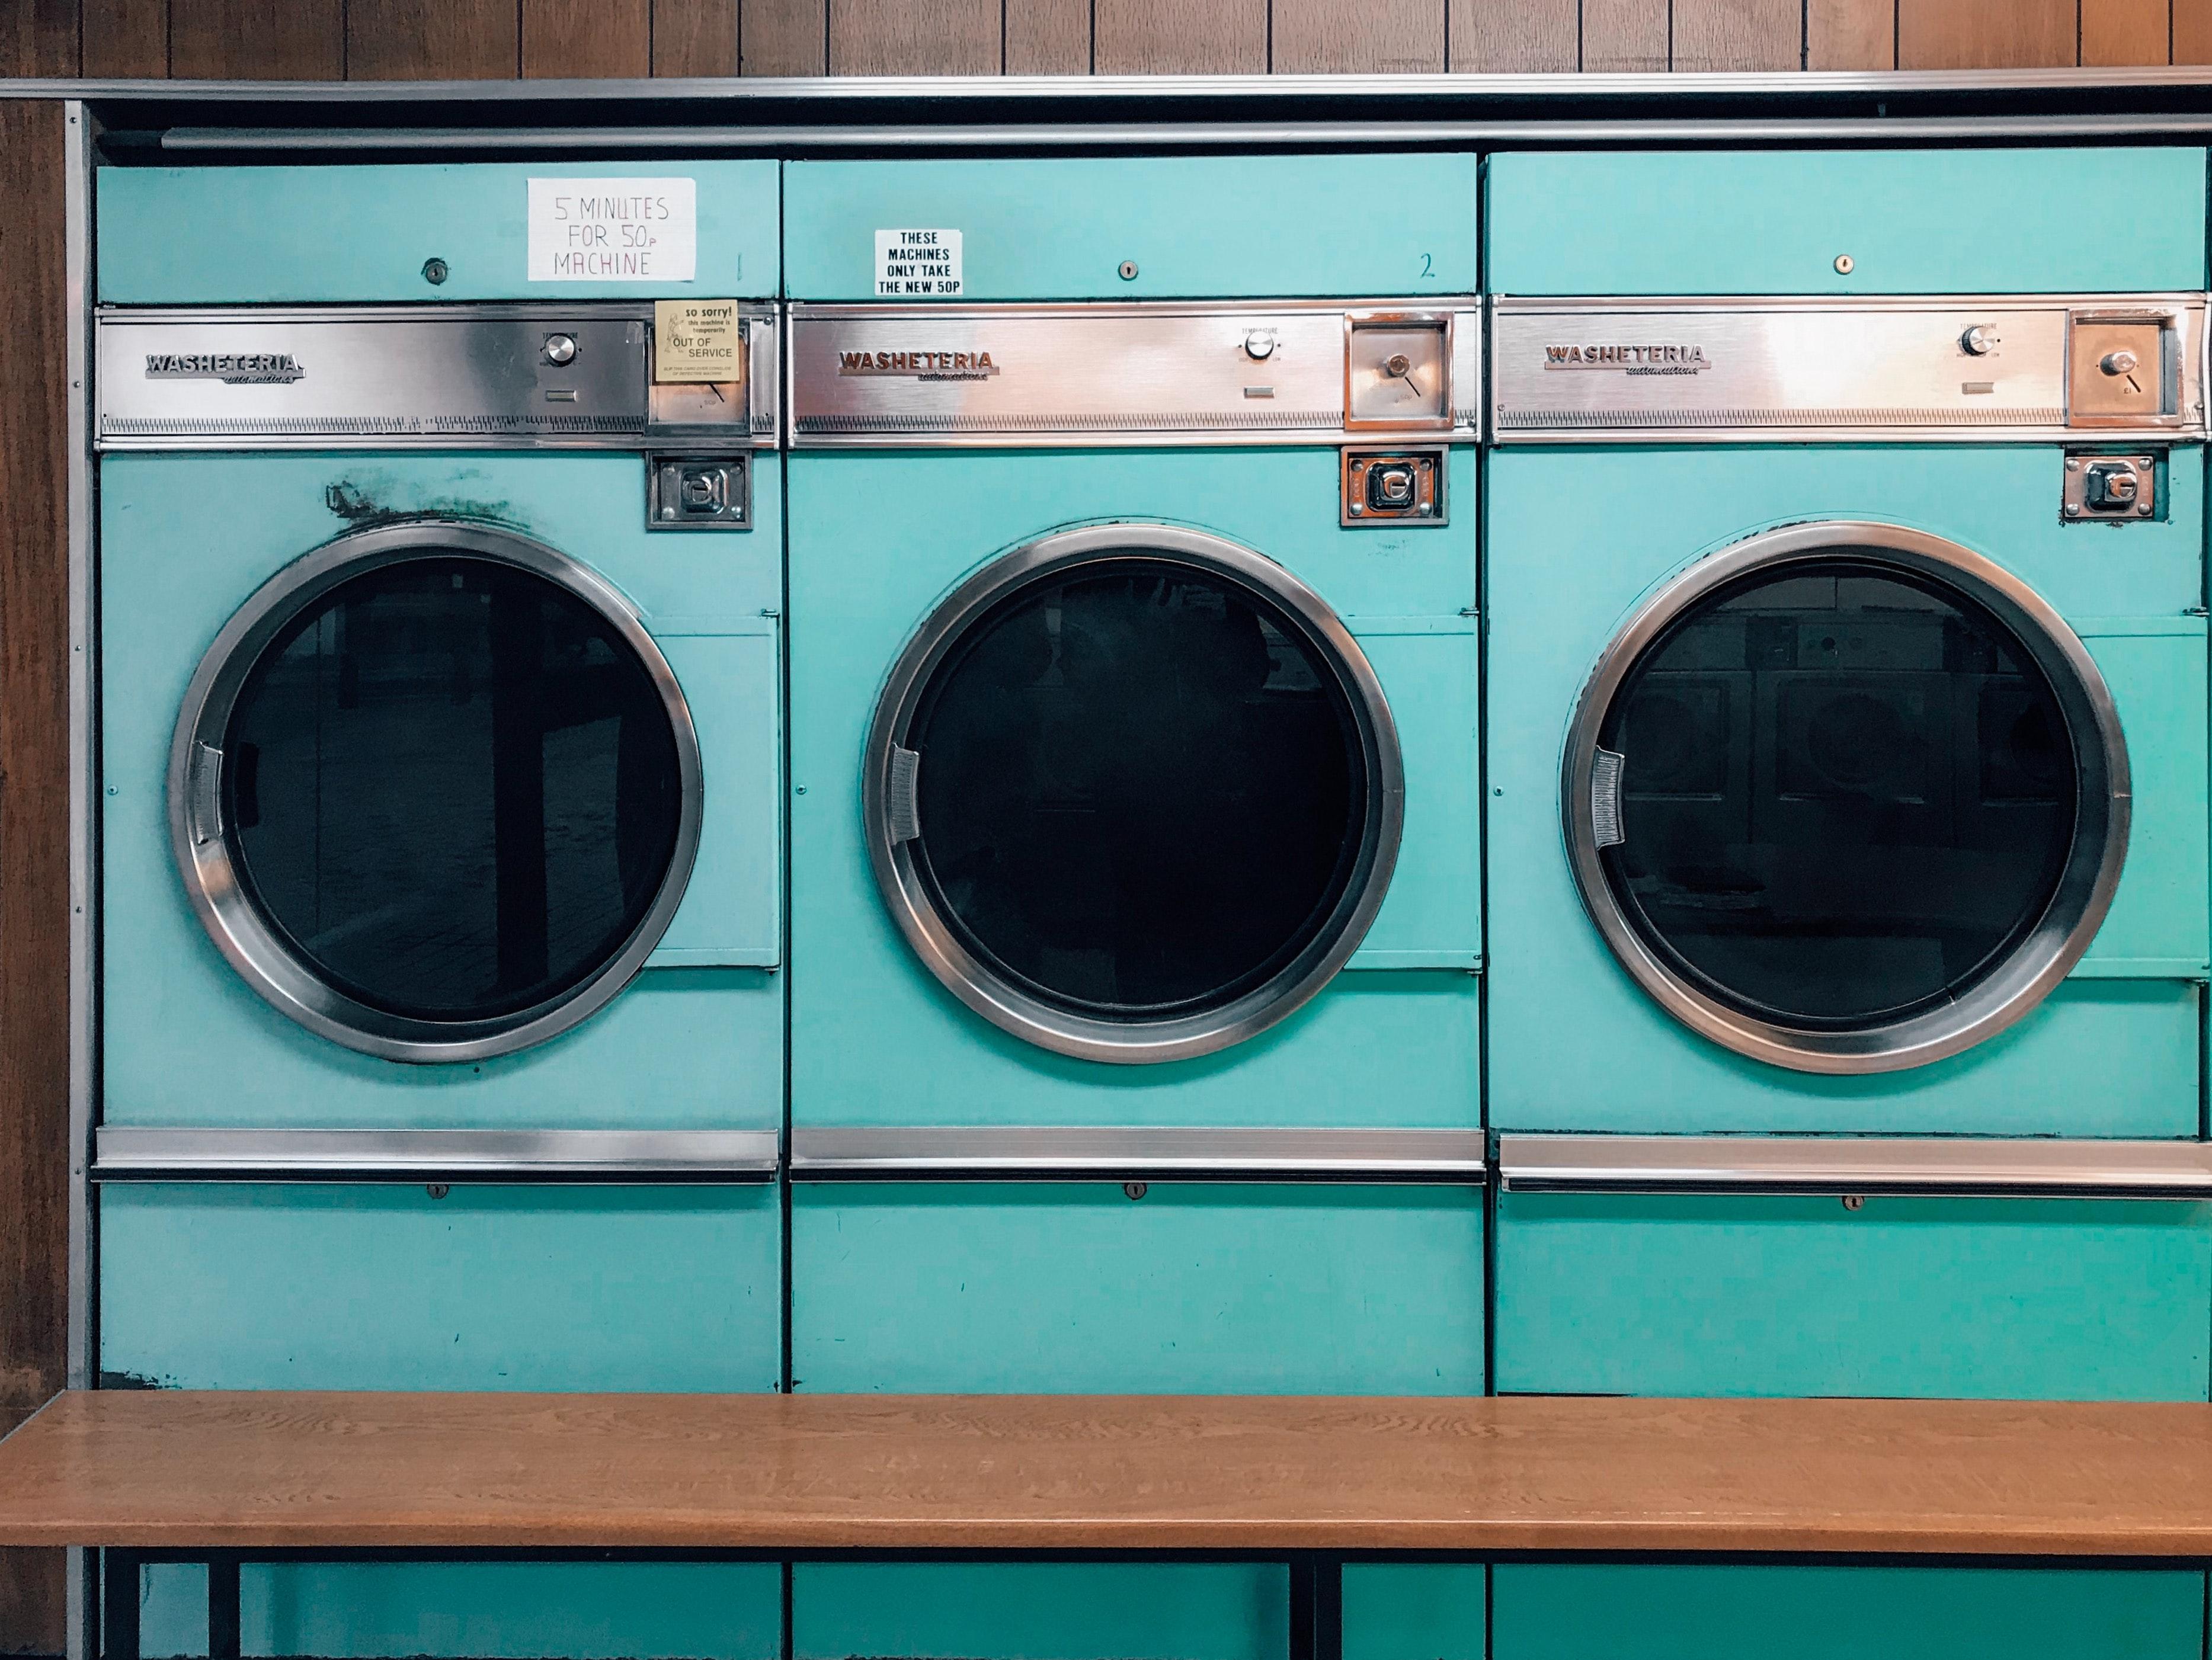 Trazabilidad de la ropa en lavanderías